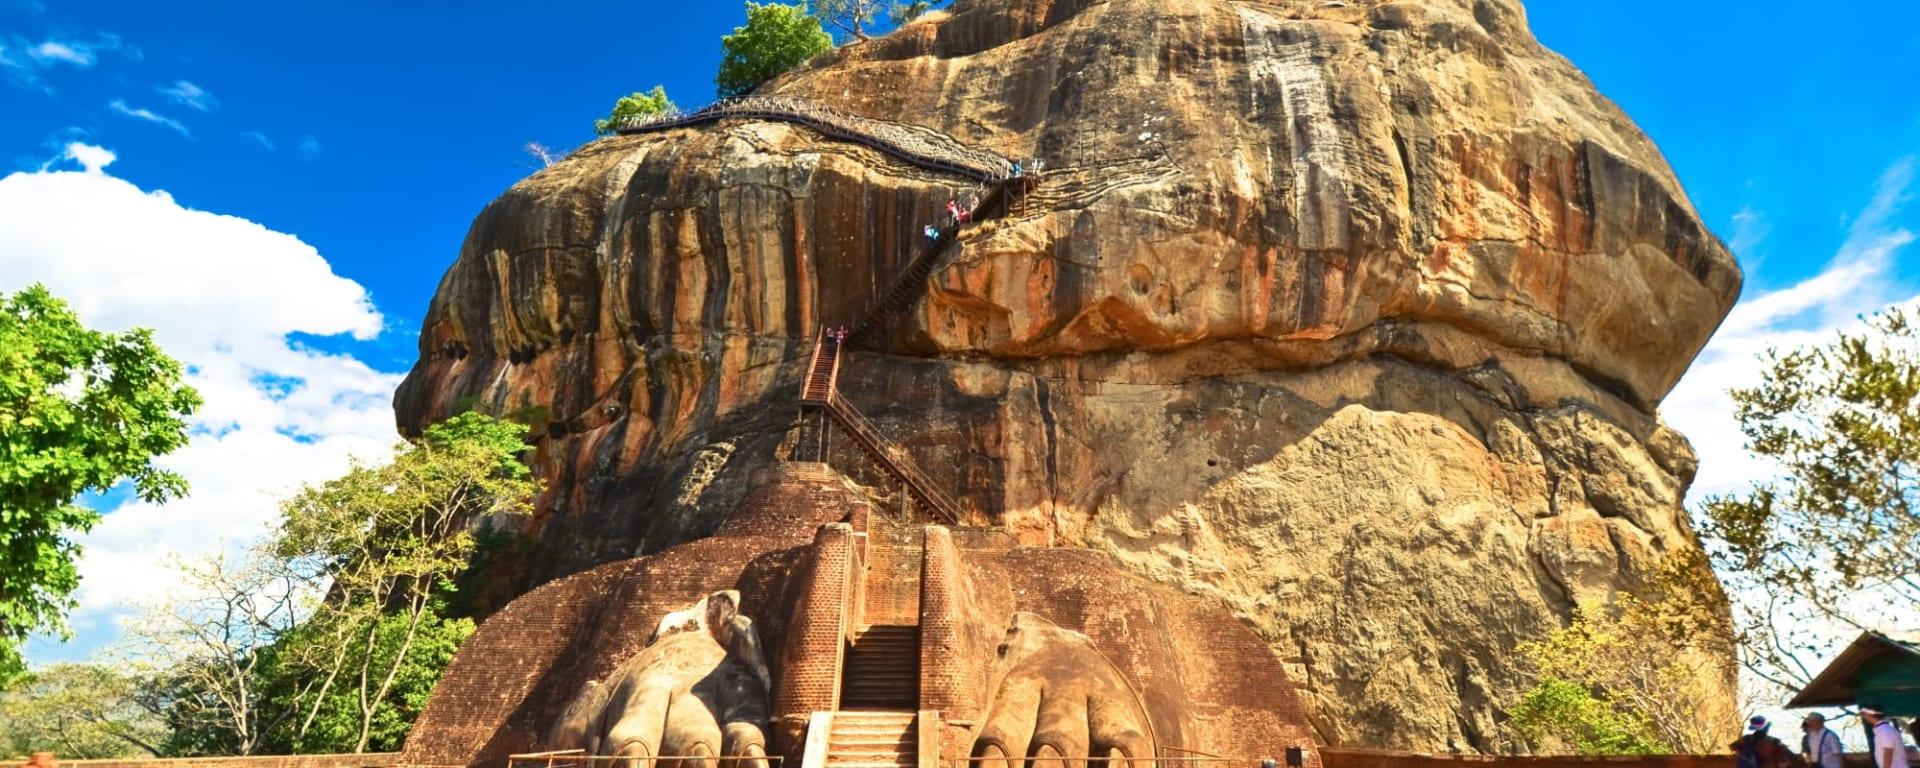 Sigiriya Jungles und Umgebung: Sri Lanka Sigiriya Lion Rock